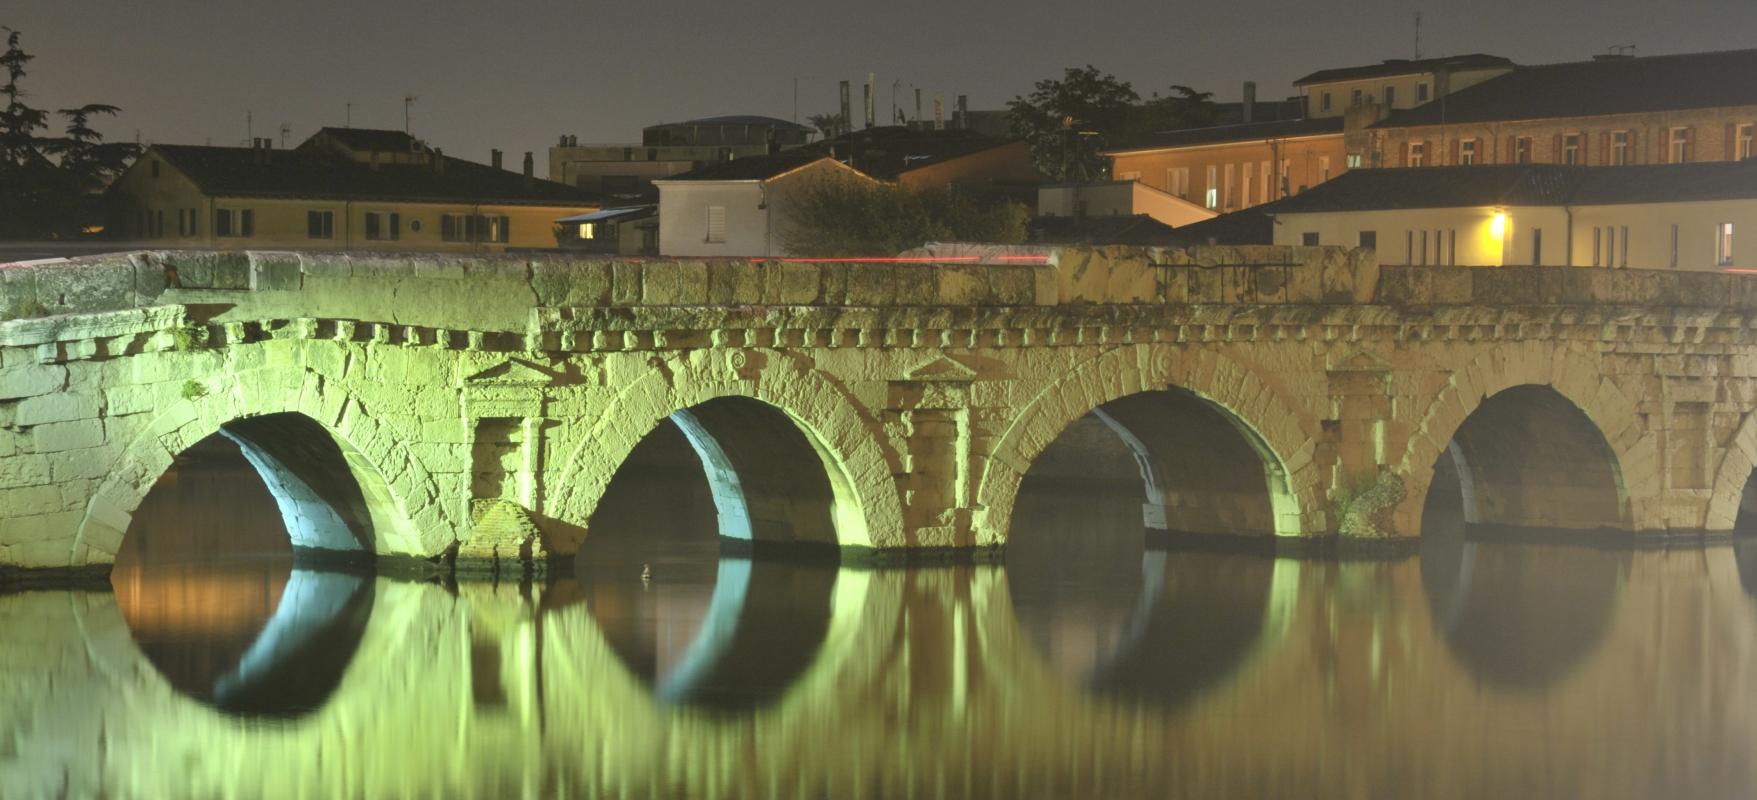 Ponte di Tiberio 2000 anni di storia - GianlucaMoretti - Rimini (RN)